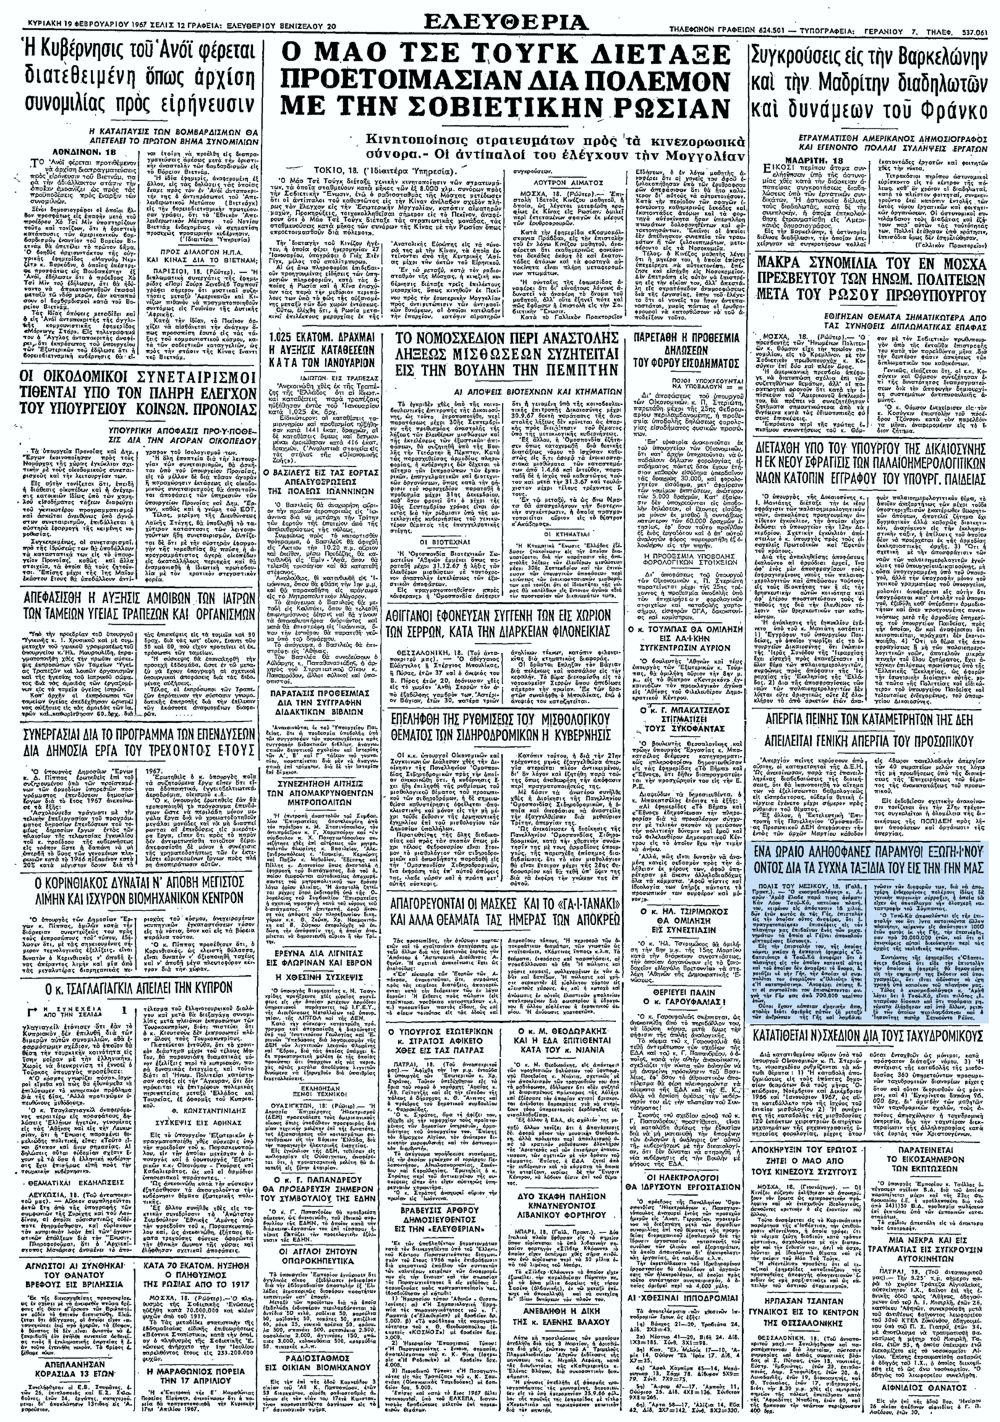 """Το άρθρο, όπως δημοσιεύθηκε στην εφημερίδα """"ΕΛΕΥΘΕΡΙΑ"""", στις 19/02/1967"""